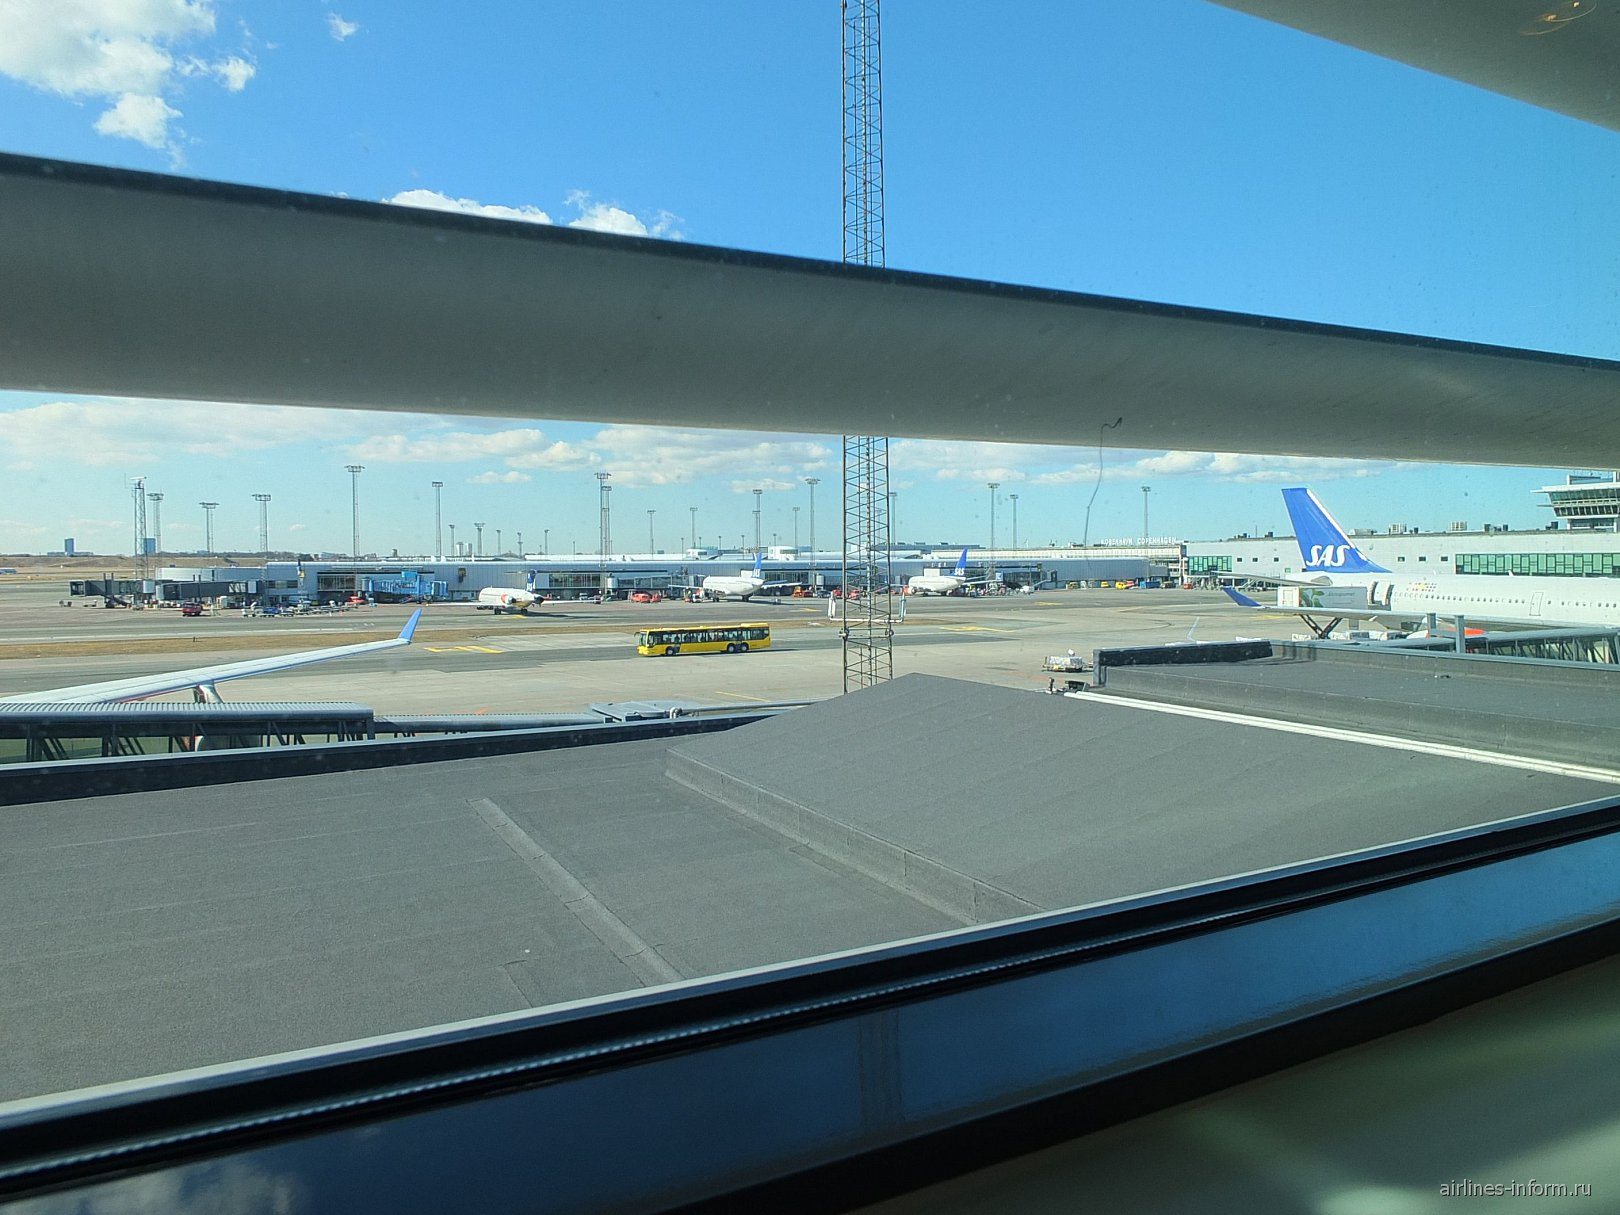 Аэропорт Копенгаген Каструп